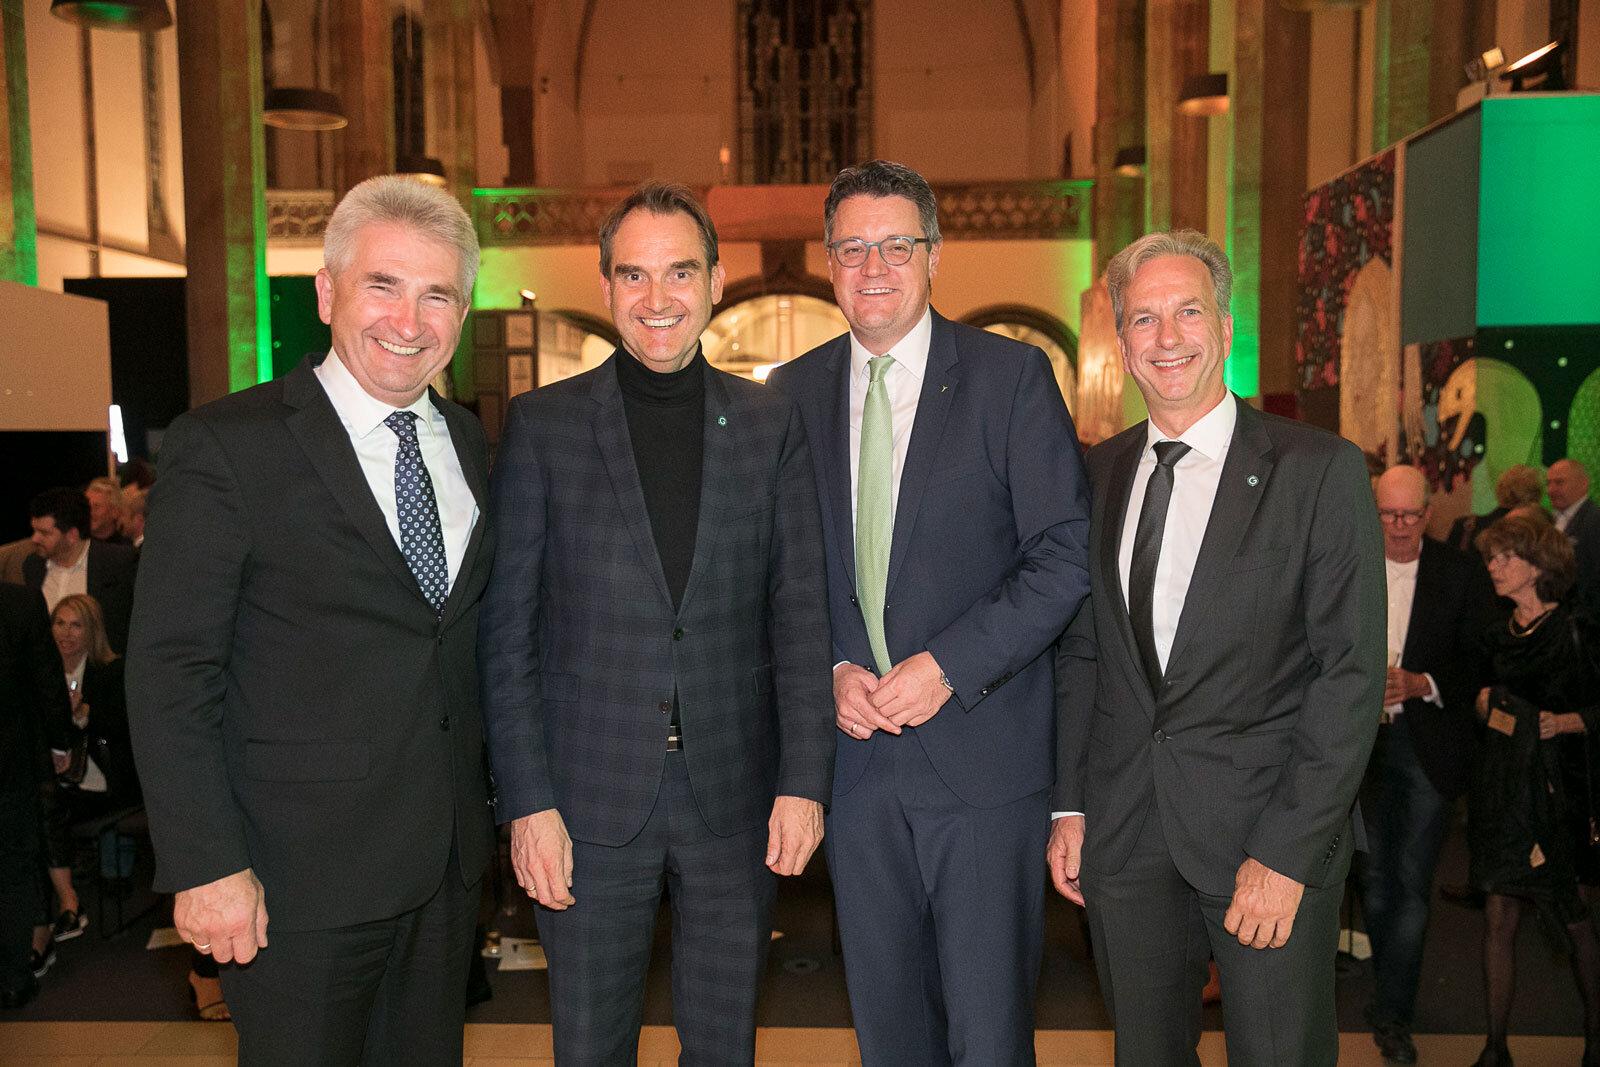 Minister Prof. Dr. Andreas Pinkwart, CEO Dr. Oliver Grün, Städteregionsrat Dr. Tim Grüttemeier und COO Dirk Hönscheid bei der 30-Jahr-Feier der GRÜN Software AG.